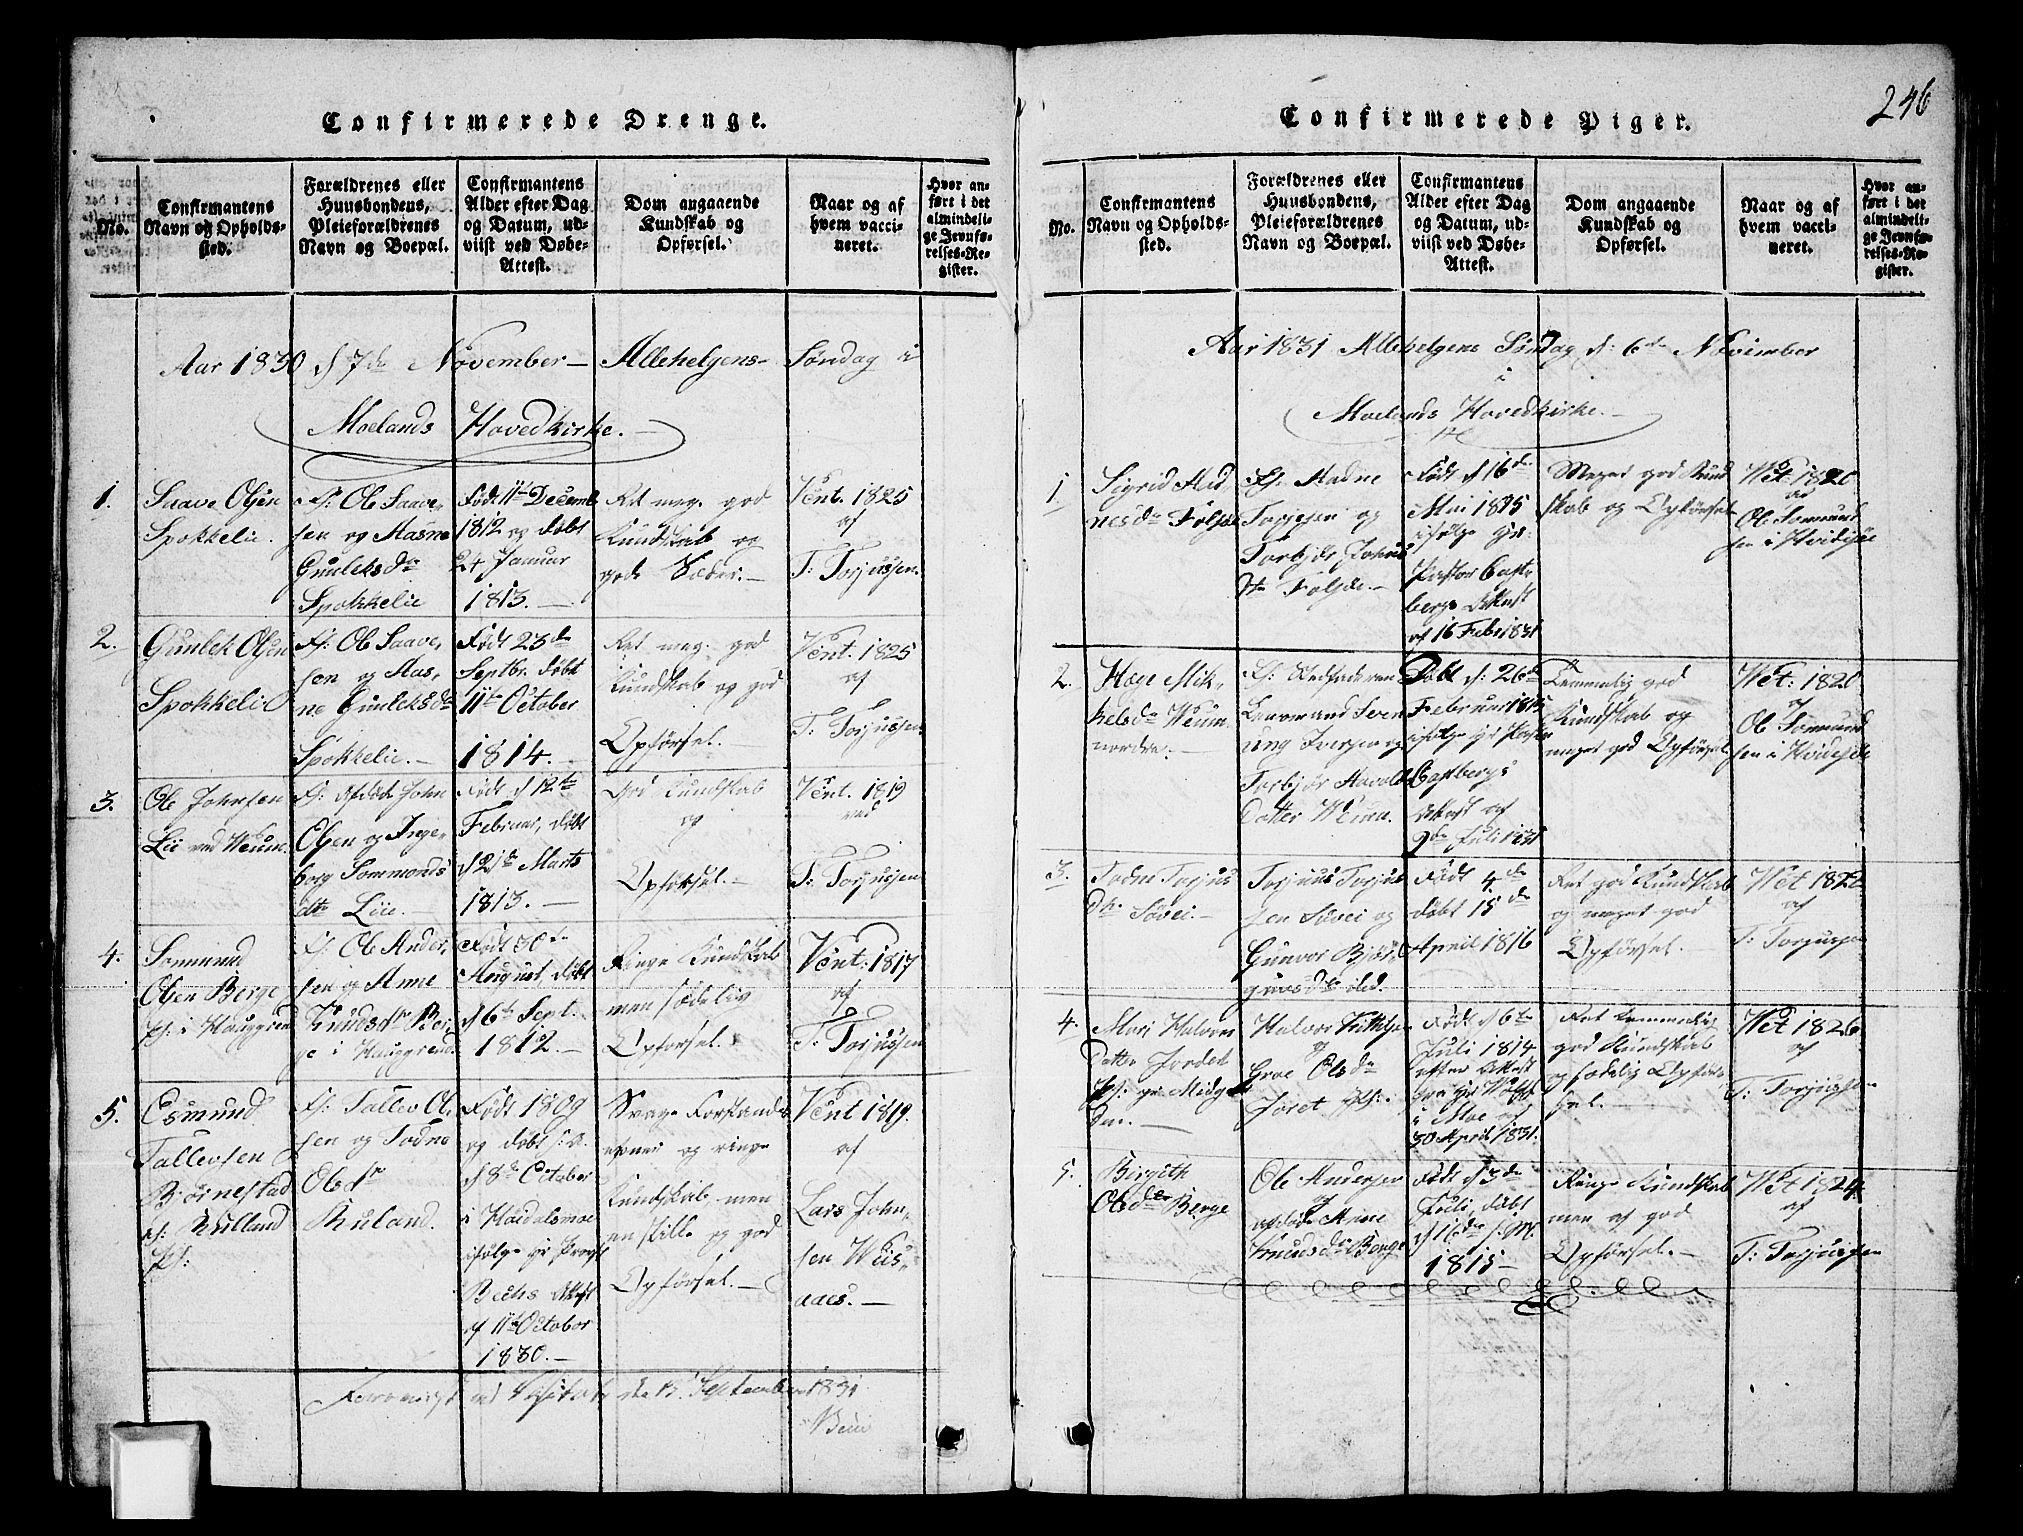 SAKO, Fyresdal kirkebøker, G/Ga/L0003: Klokkerbok nr. I 3, 1815-1863, s. 246